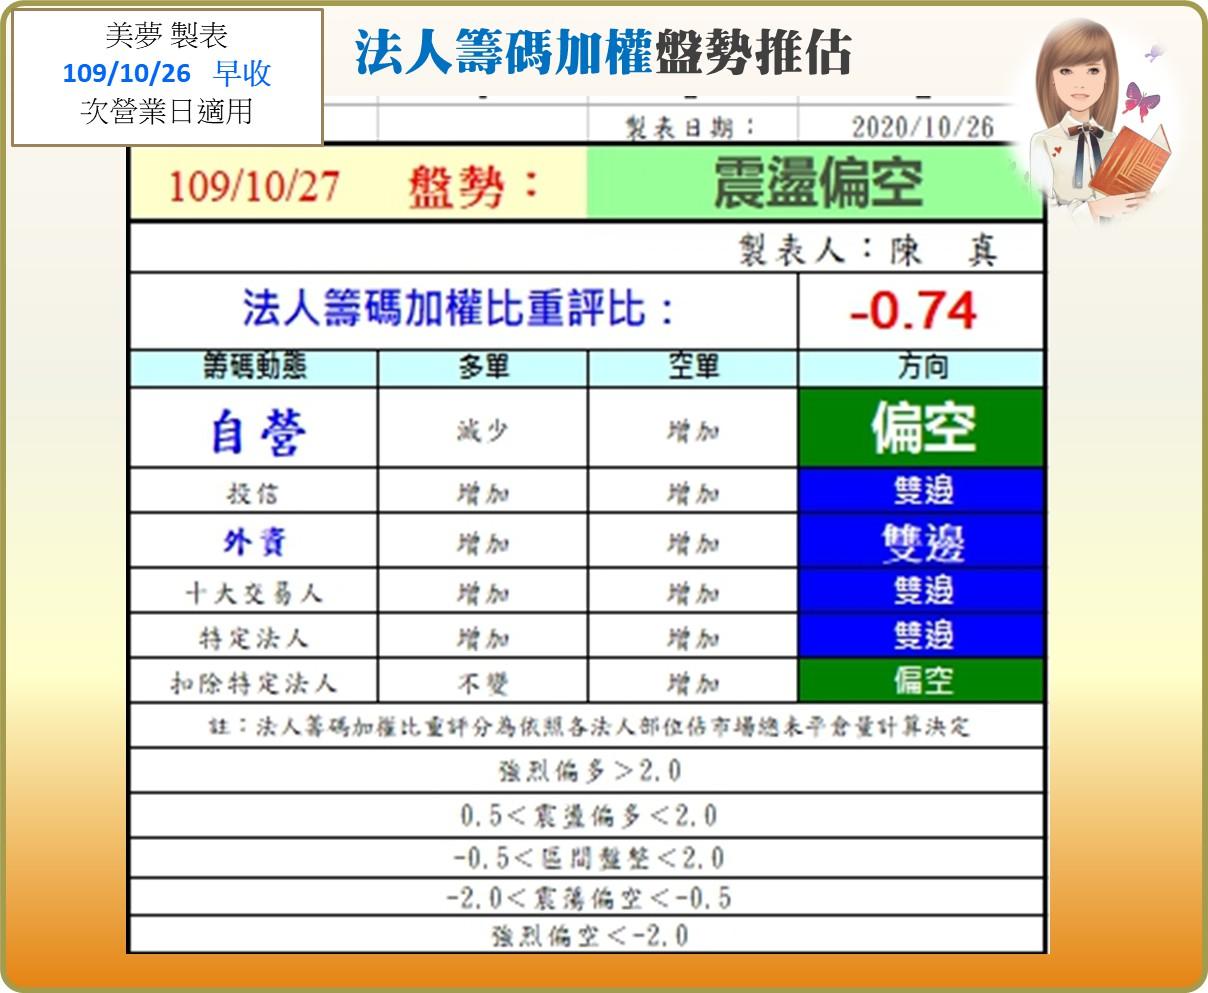 1091027美夢冠軍-股市+雙11+零股交易+11/1分享會訊息_13